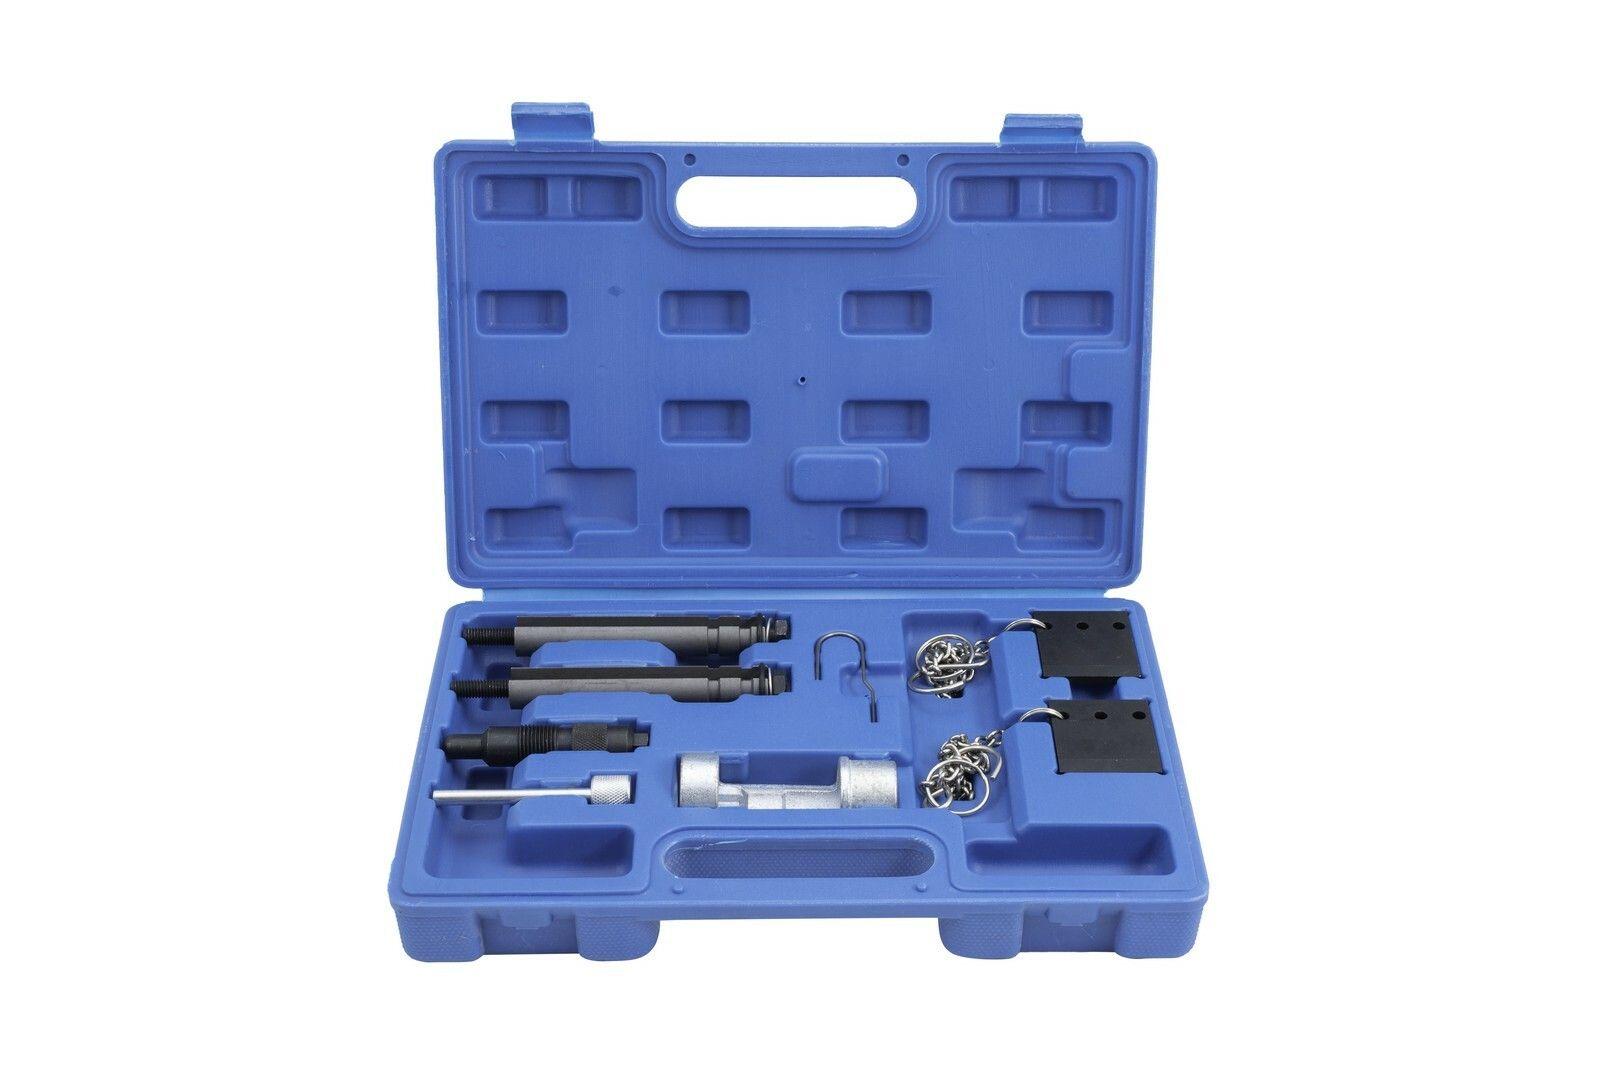 Přípravky aretací motoru (rozvodu) VAG 2.5 V6, 3.3 V8 TDi QUATROS QS10356A